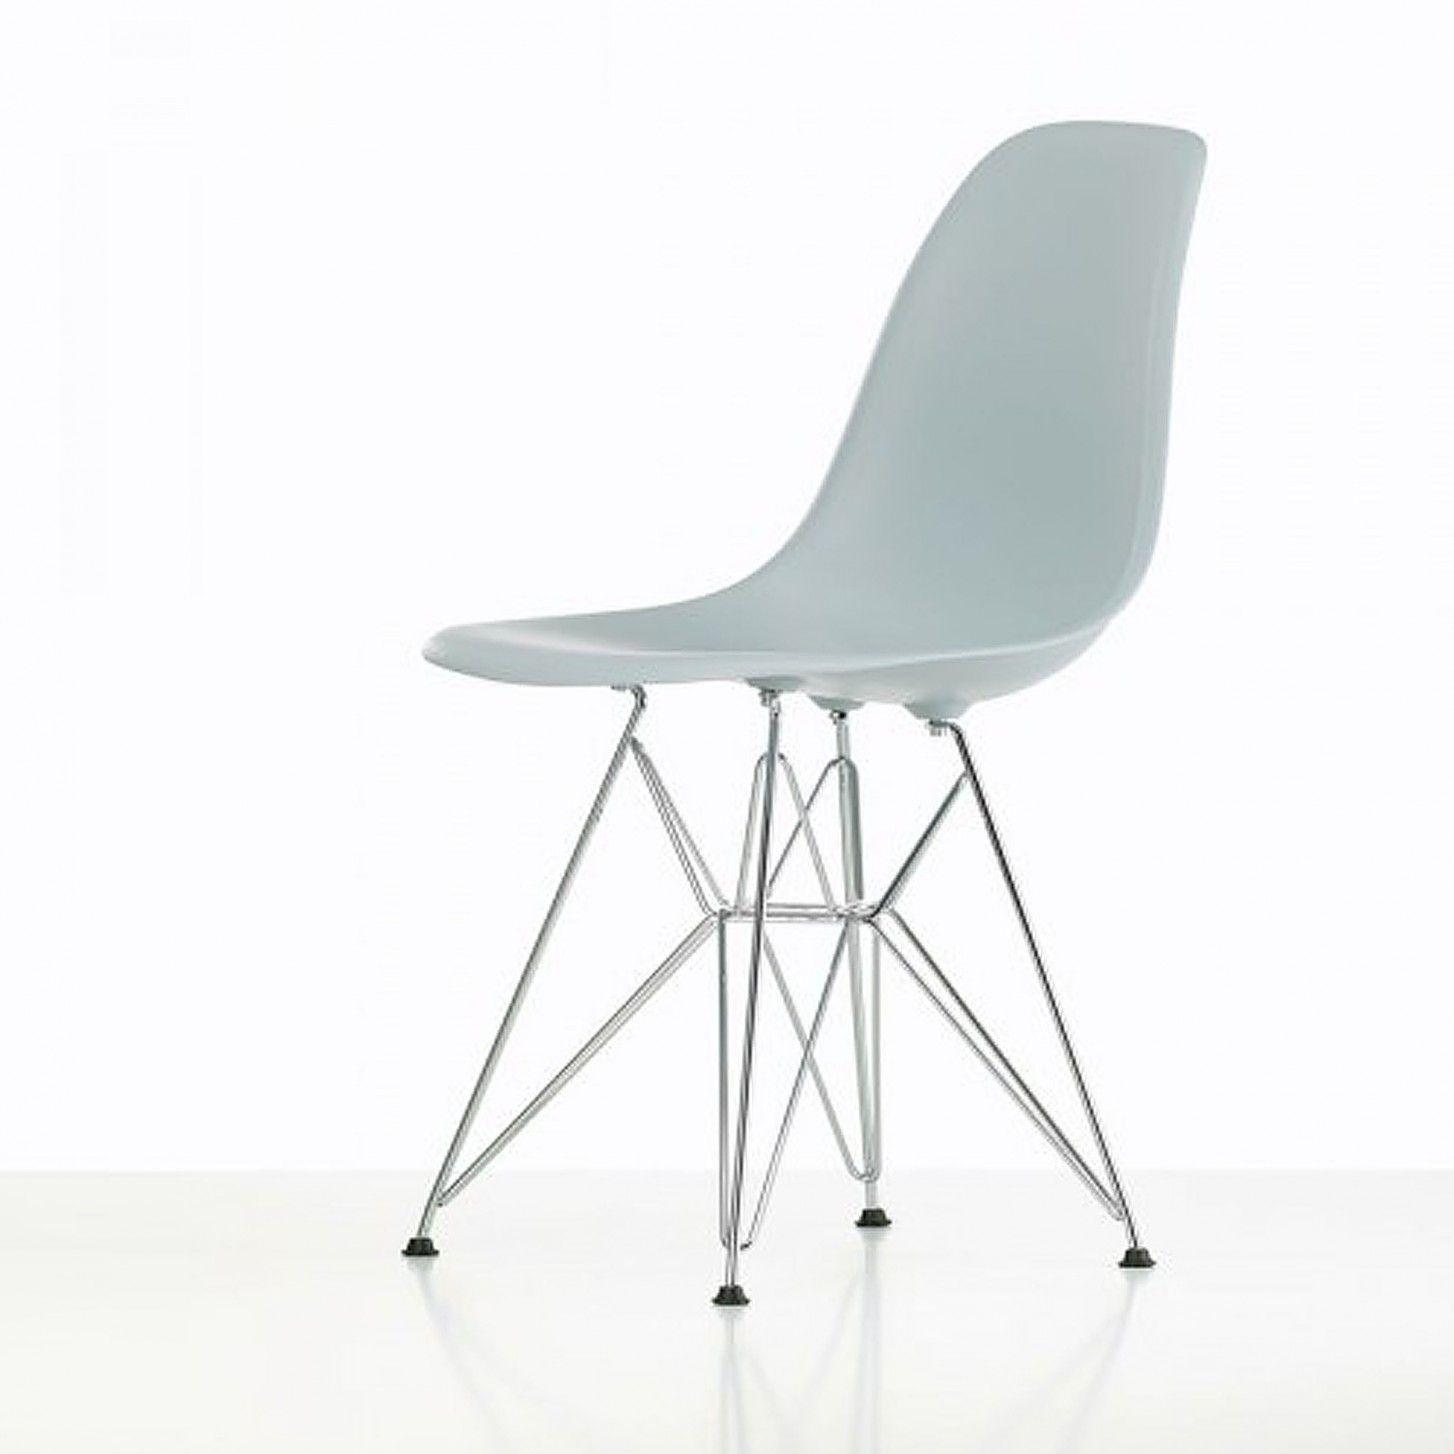 original eames plastic side chair dsr von vitra bei ikarus esstisch. Black Bedroom Furniture Sets. Home Design Ideas